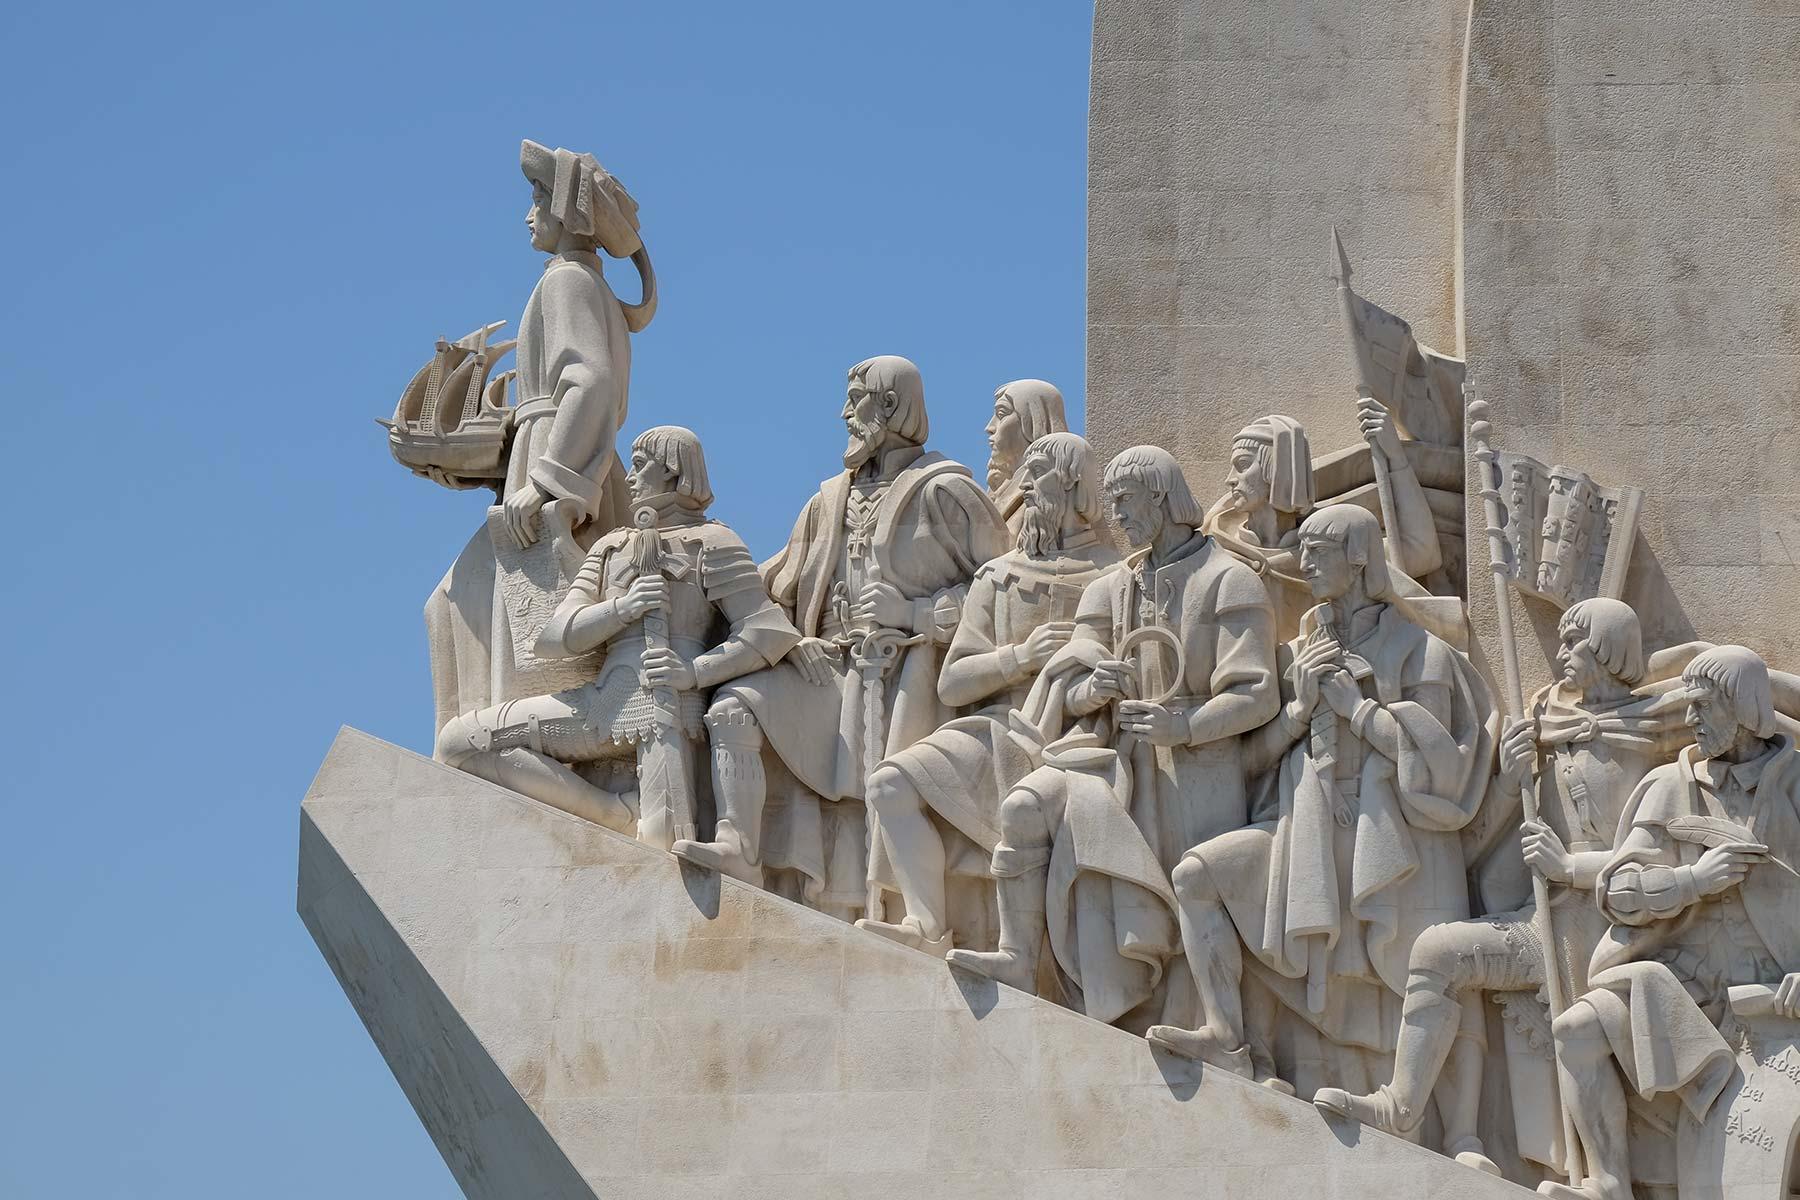 Padrão dos Descobrimentos in Lissabon Portugal